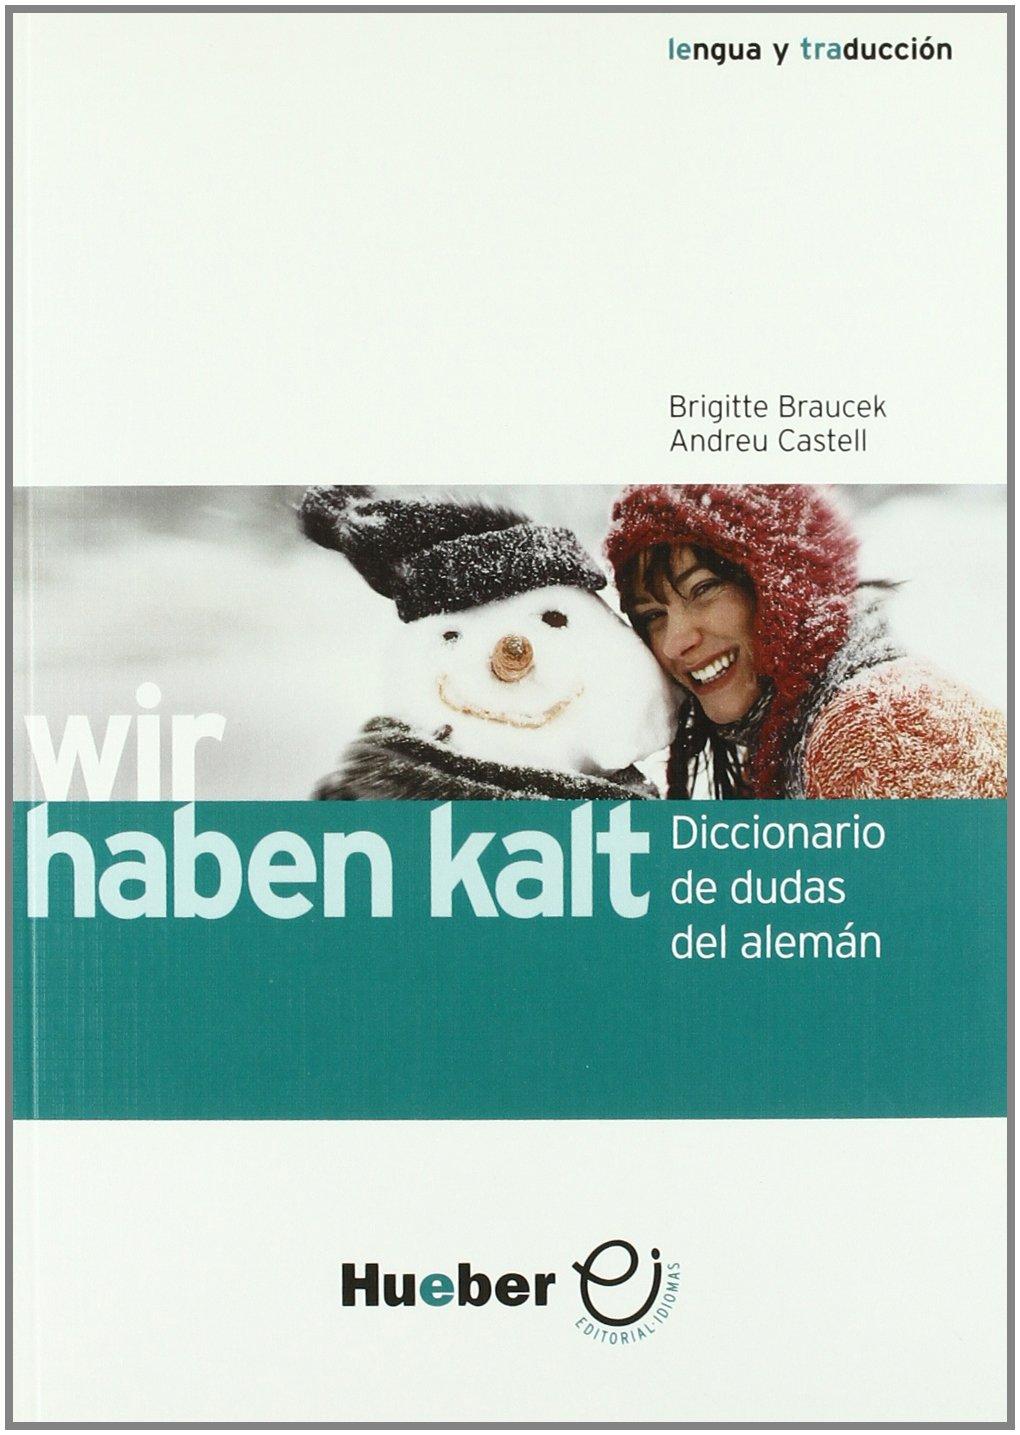 Wir haben kalt : diccionario de dudas del alemán, 2006